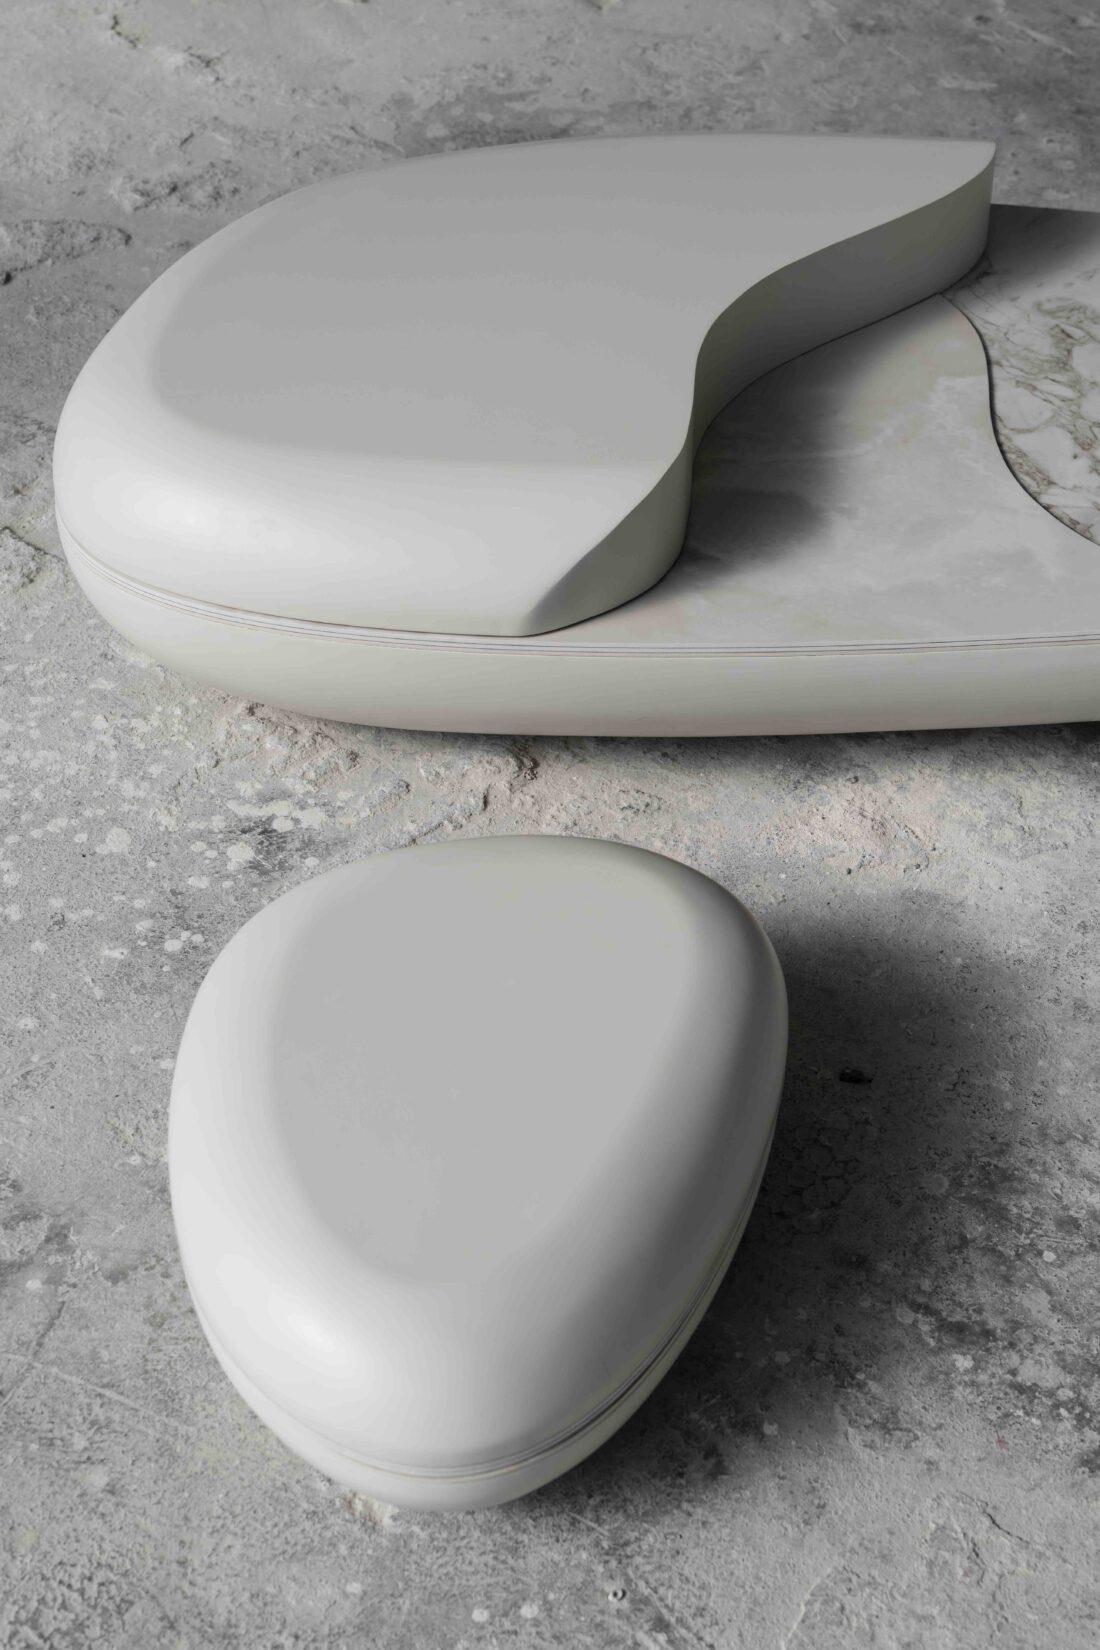 Image of CosentinoCapsuleCollection110721 NateleeCocks 018 copie in « Capsule Collection », la première ligne de mobilier en Dekton® by Cosentino - Cosentino